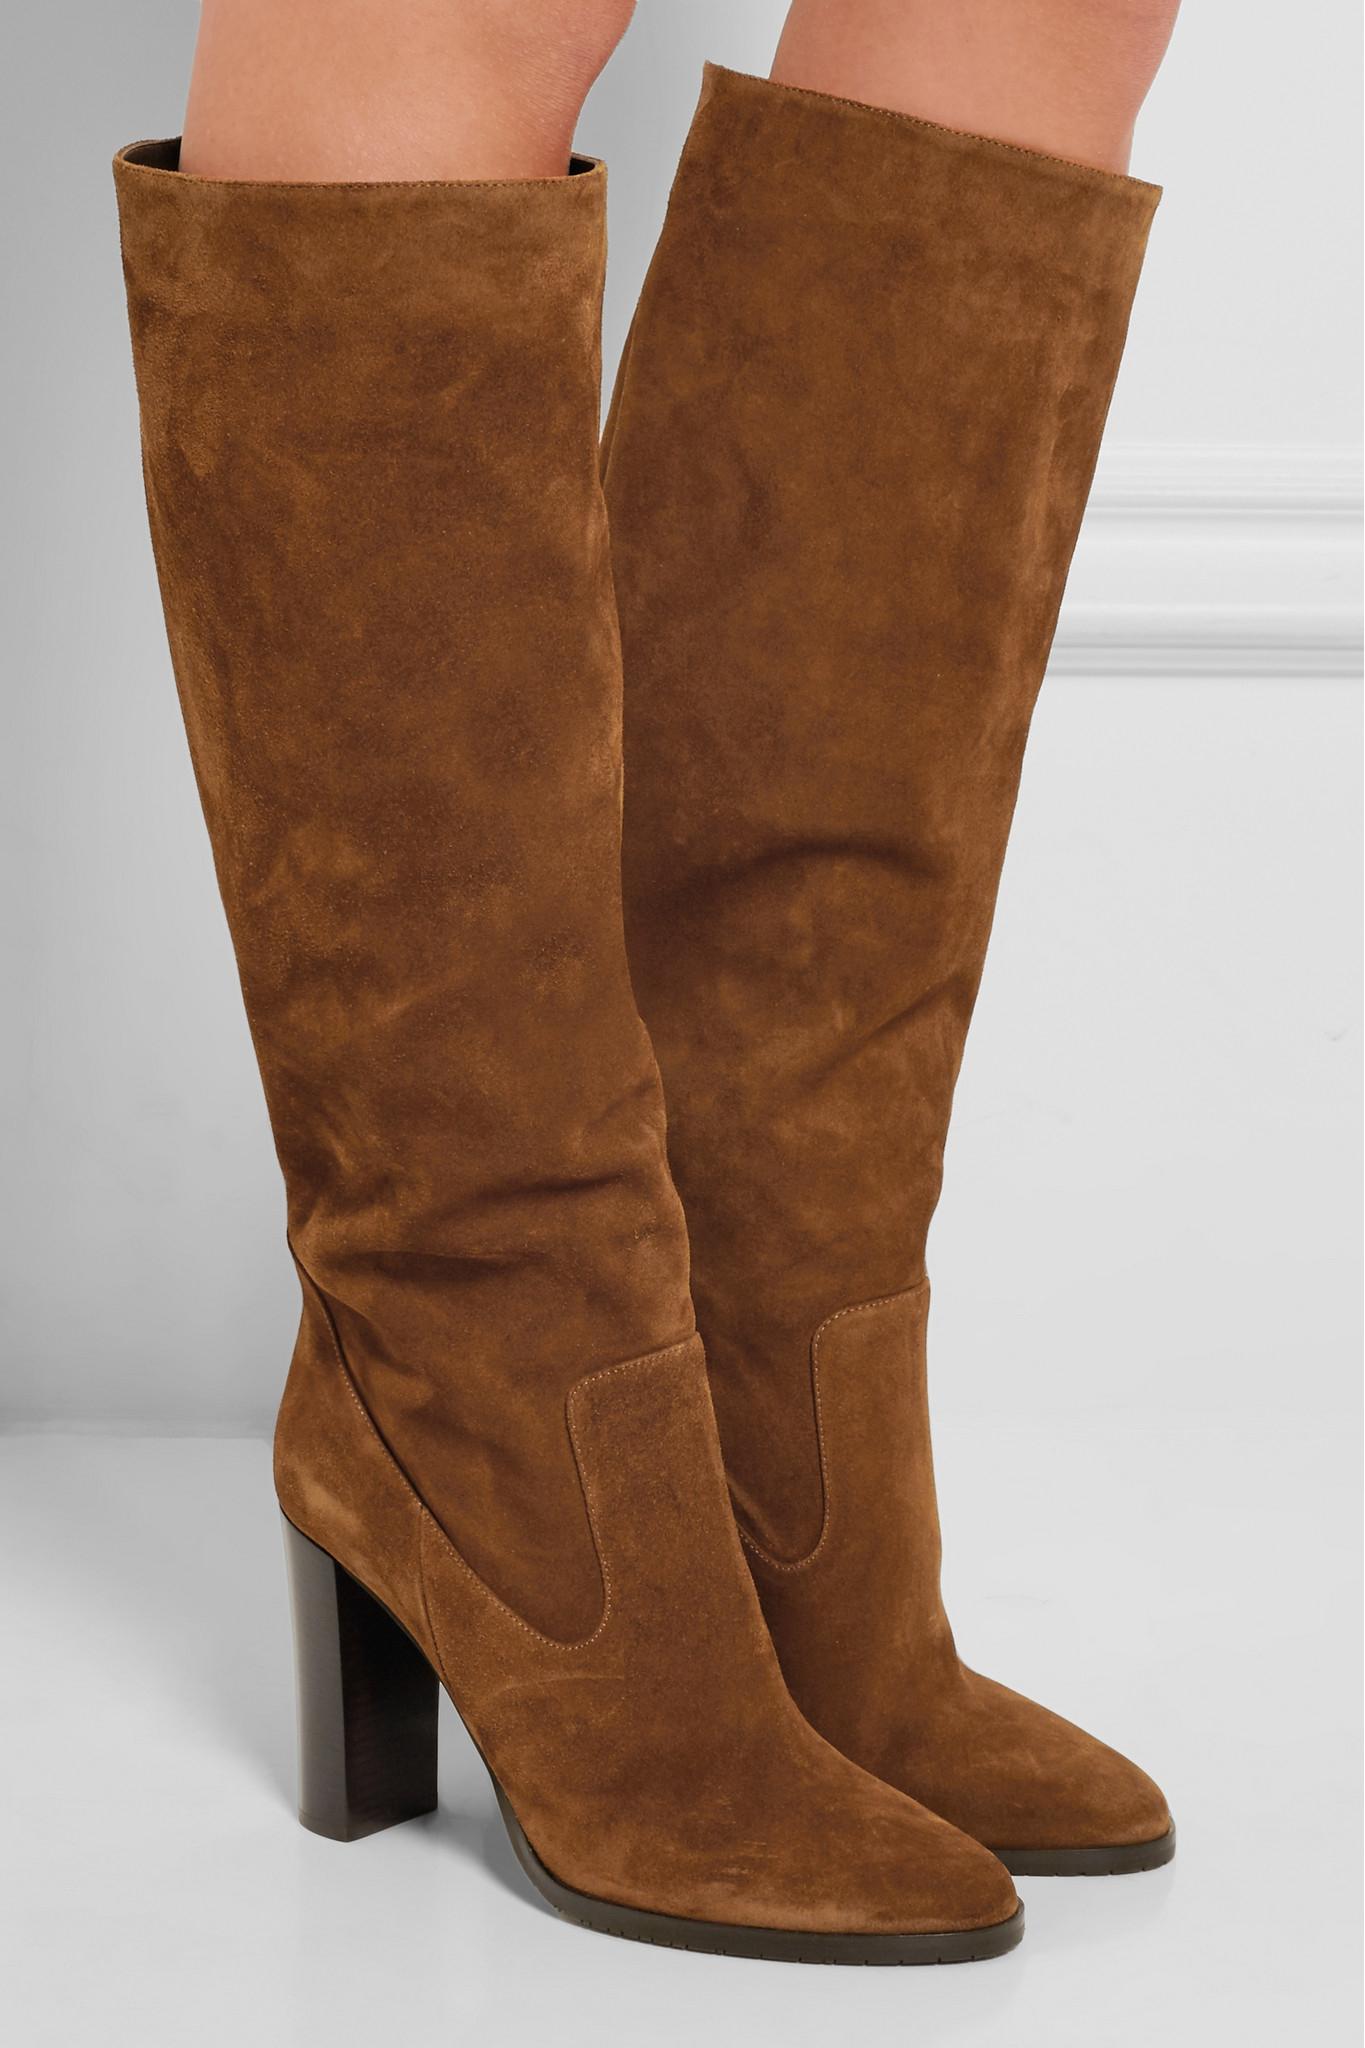 Jimmy Choo Honor Suede Knee Boots in Tan (Brown)